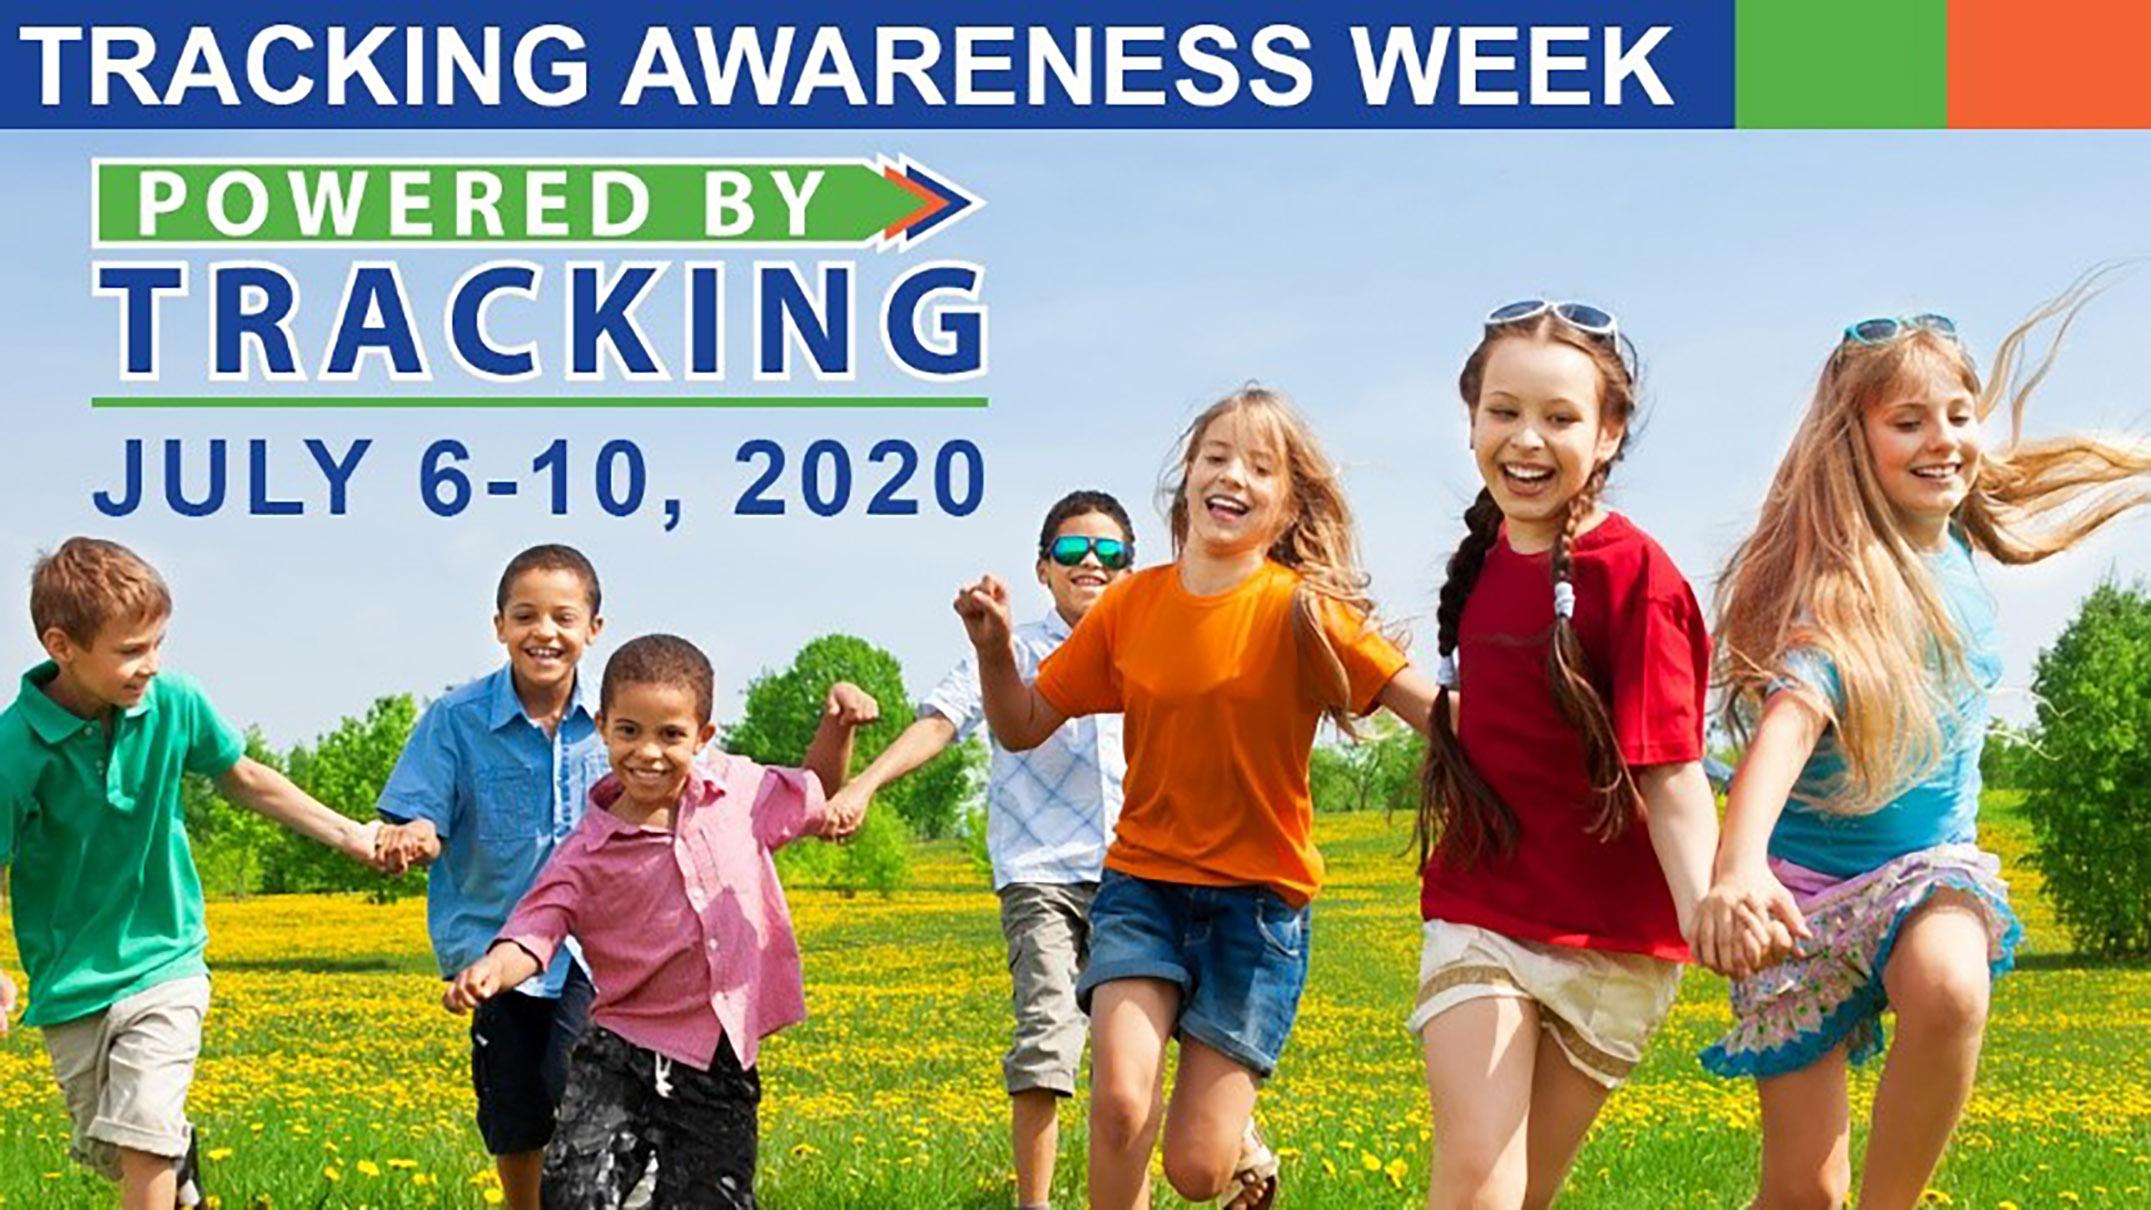 Tracking Awareness Week – July 6-10, 2020